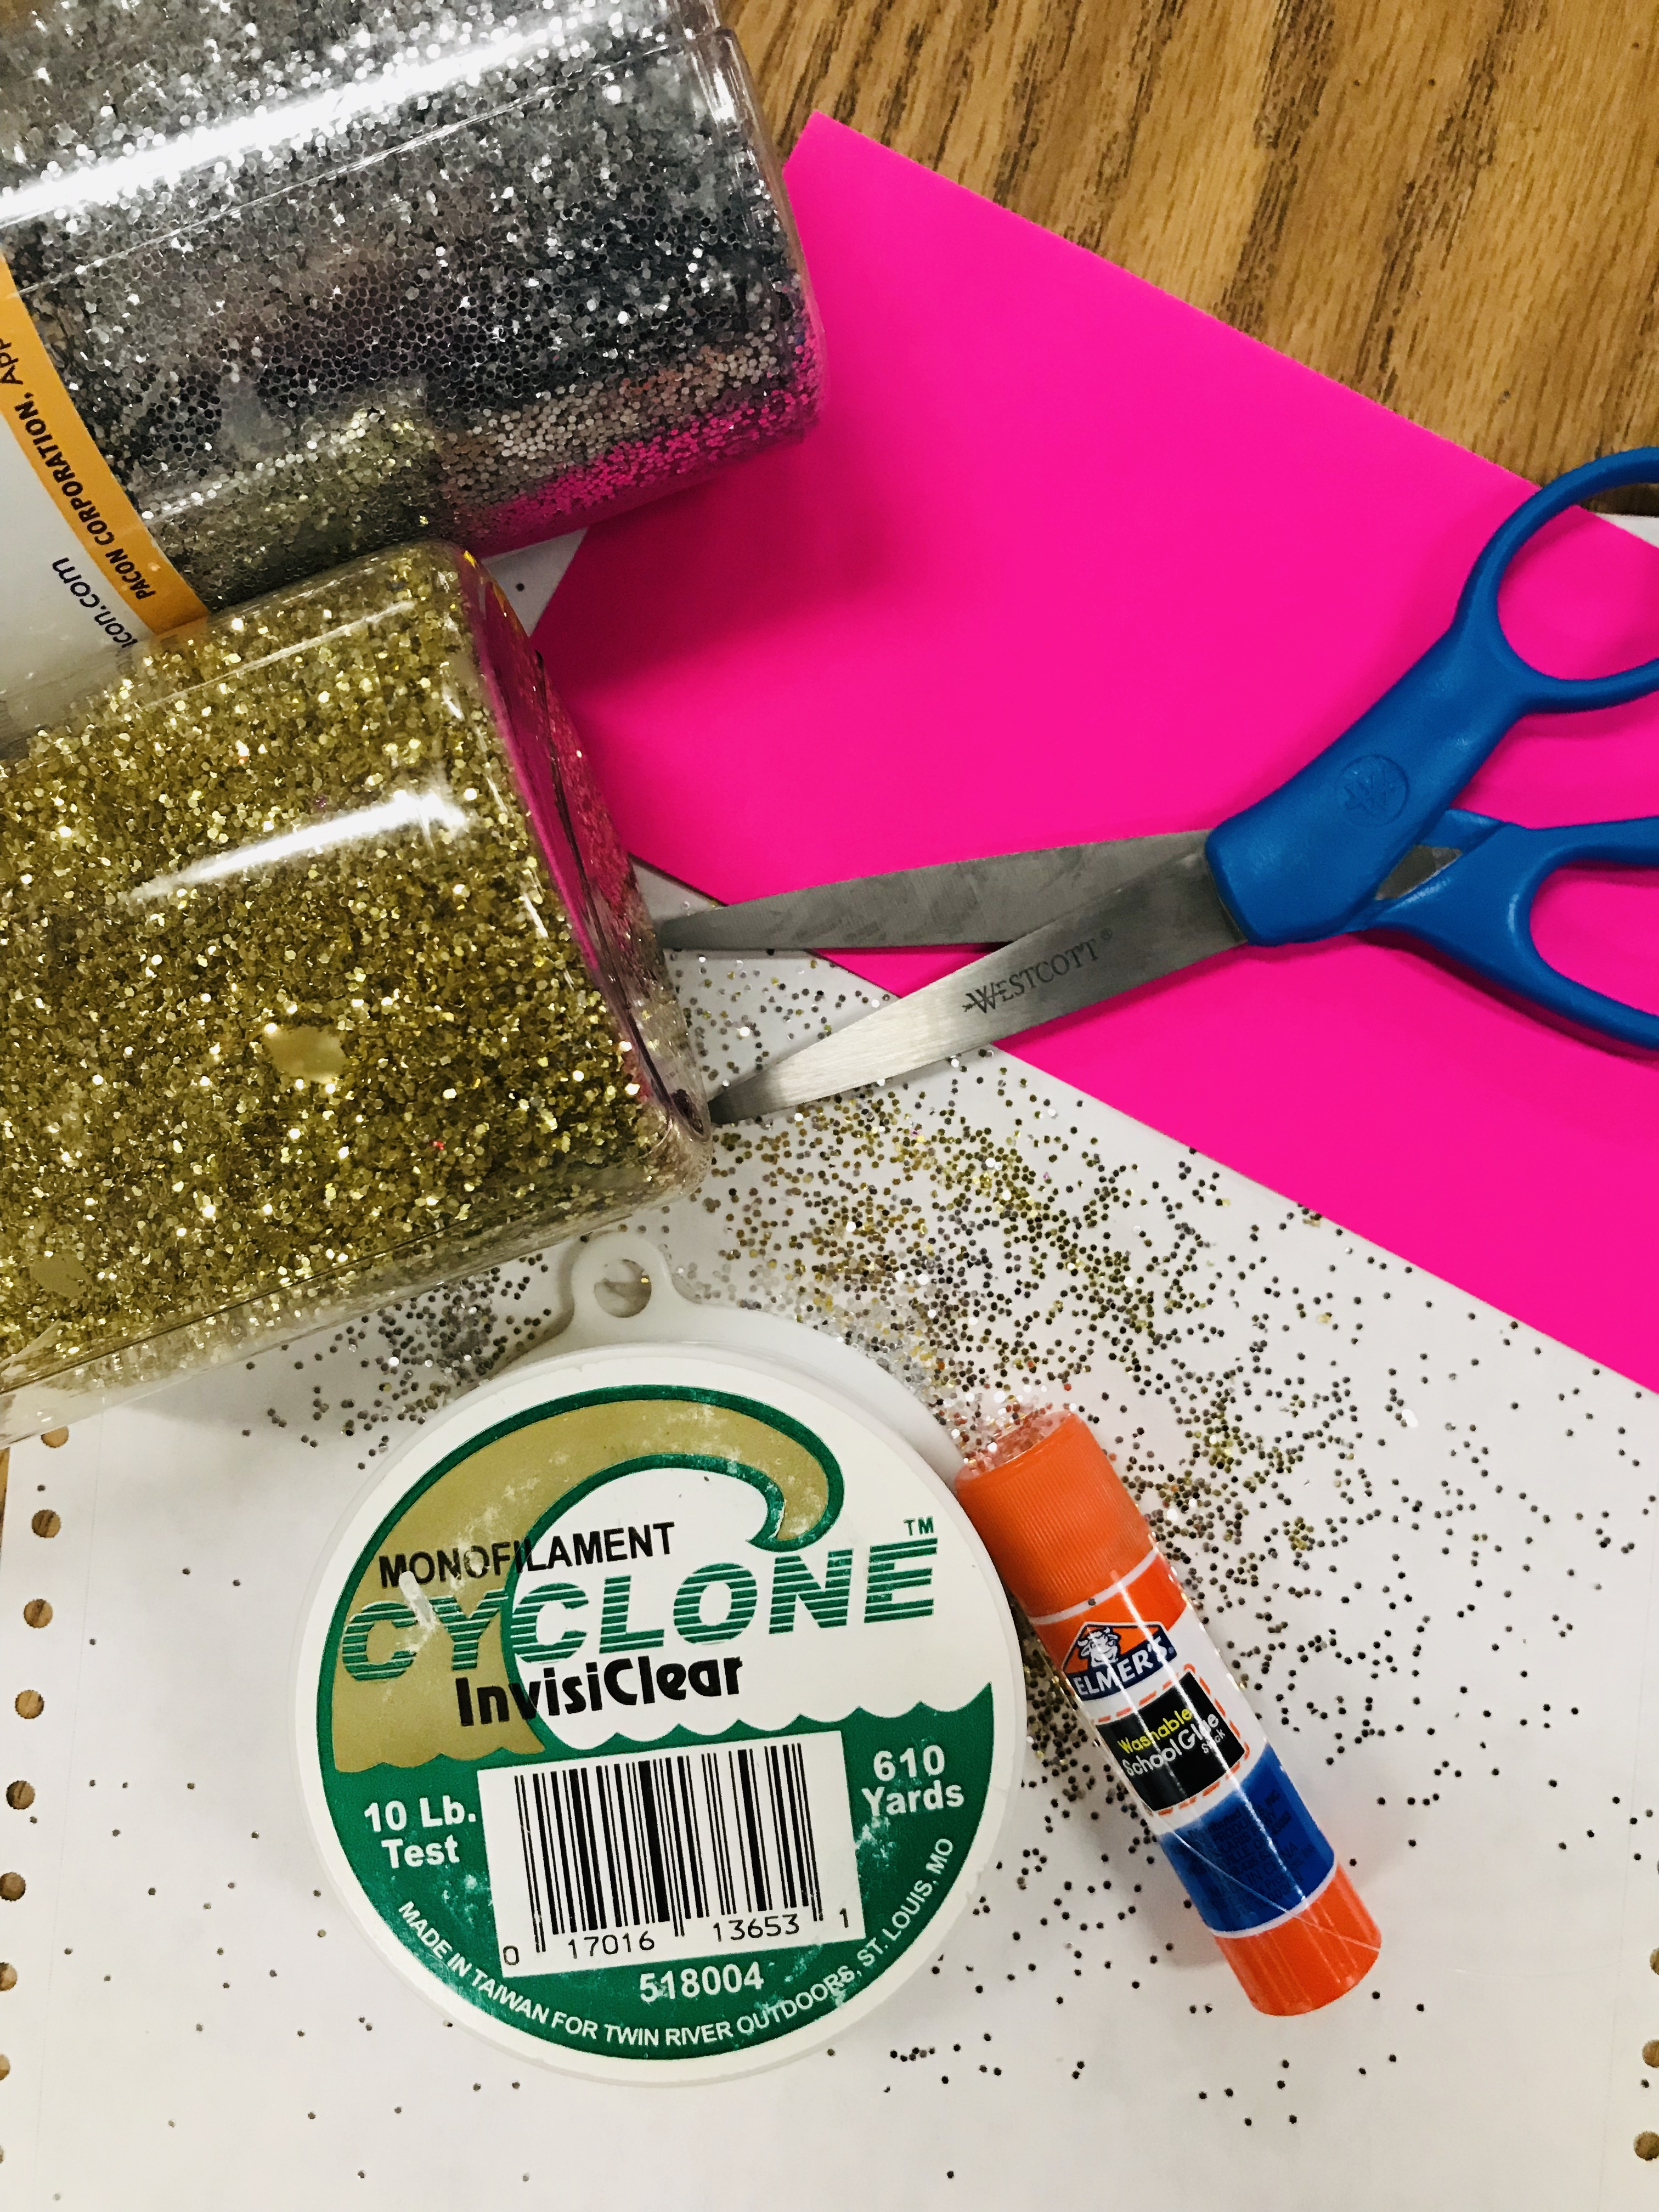 Glue stick, scissors, pink paper and glitter